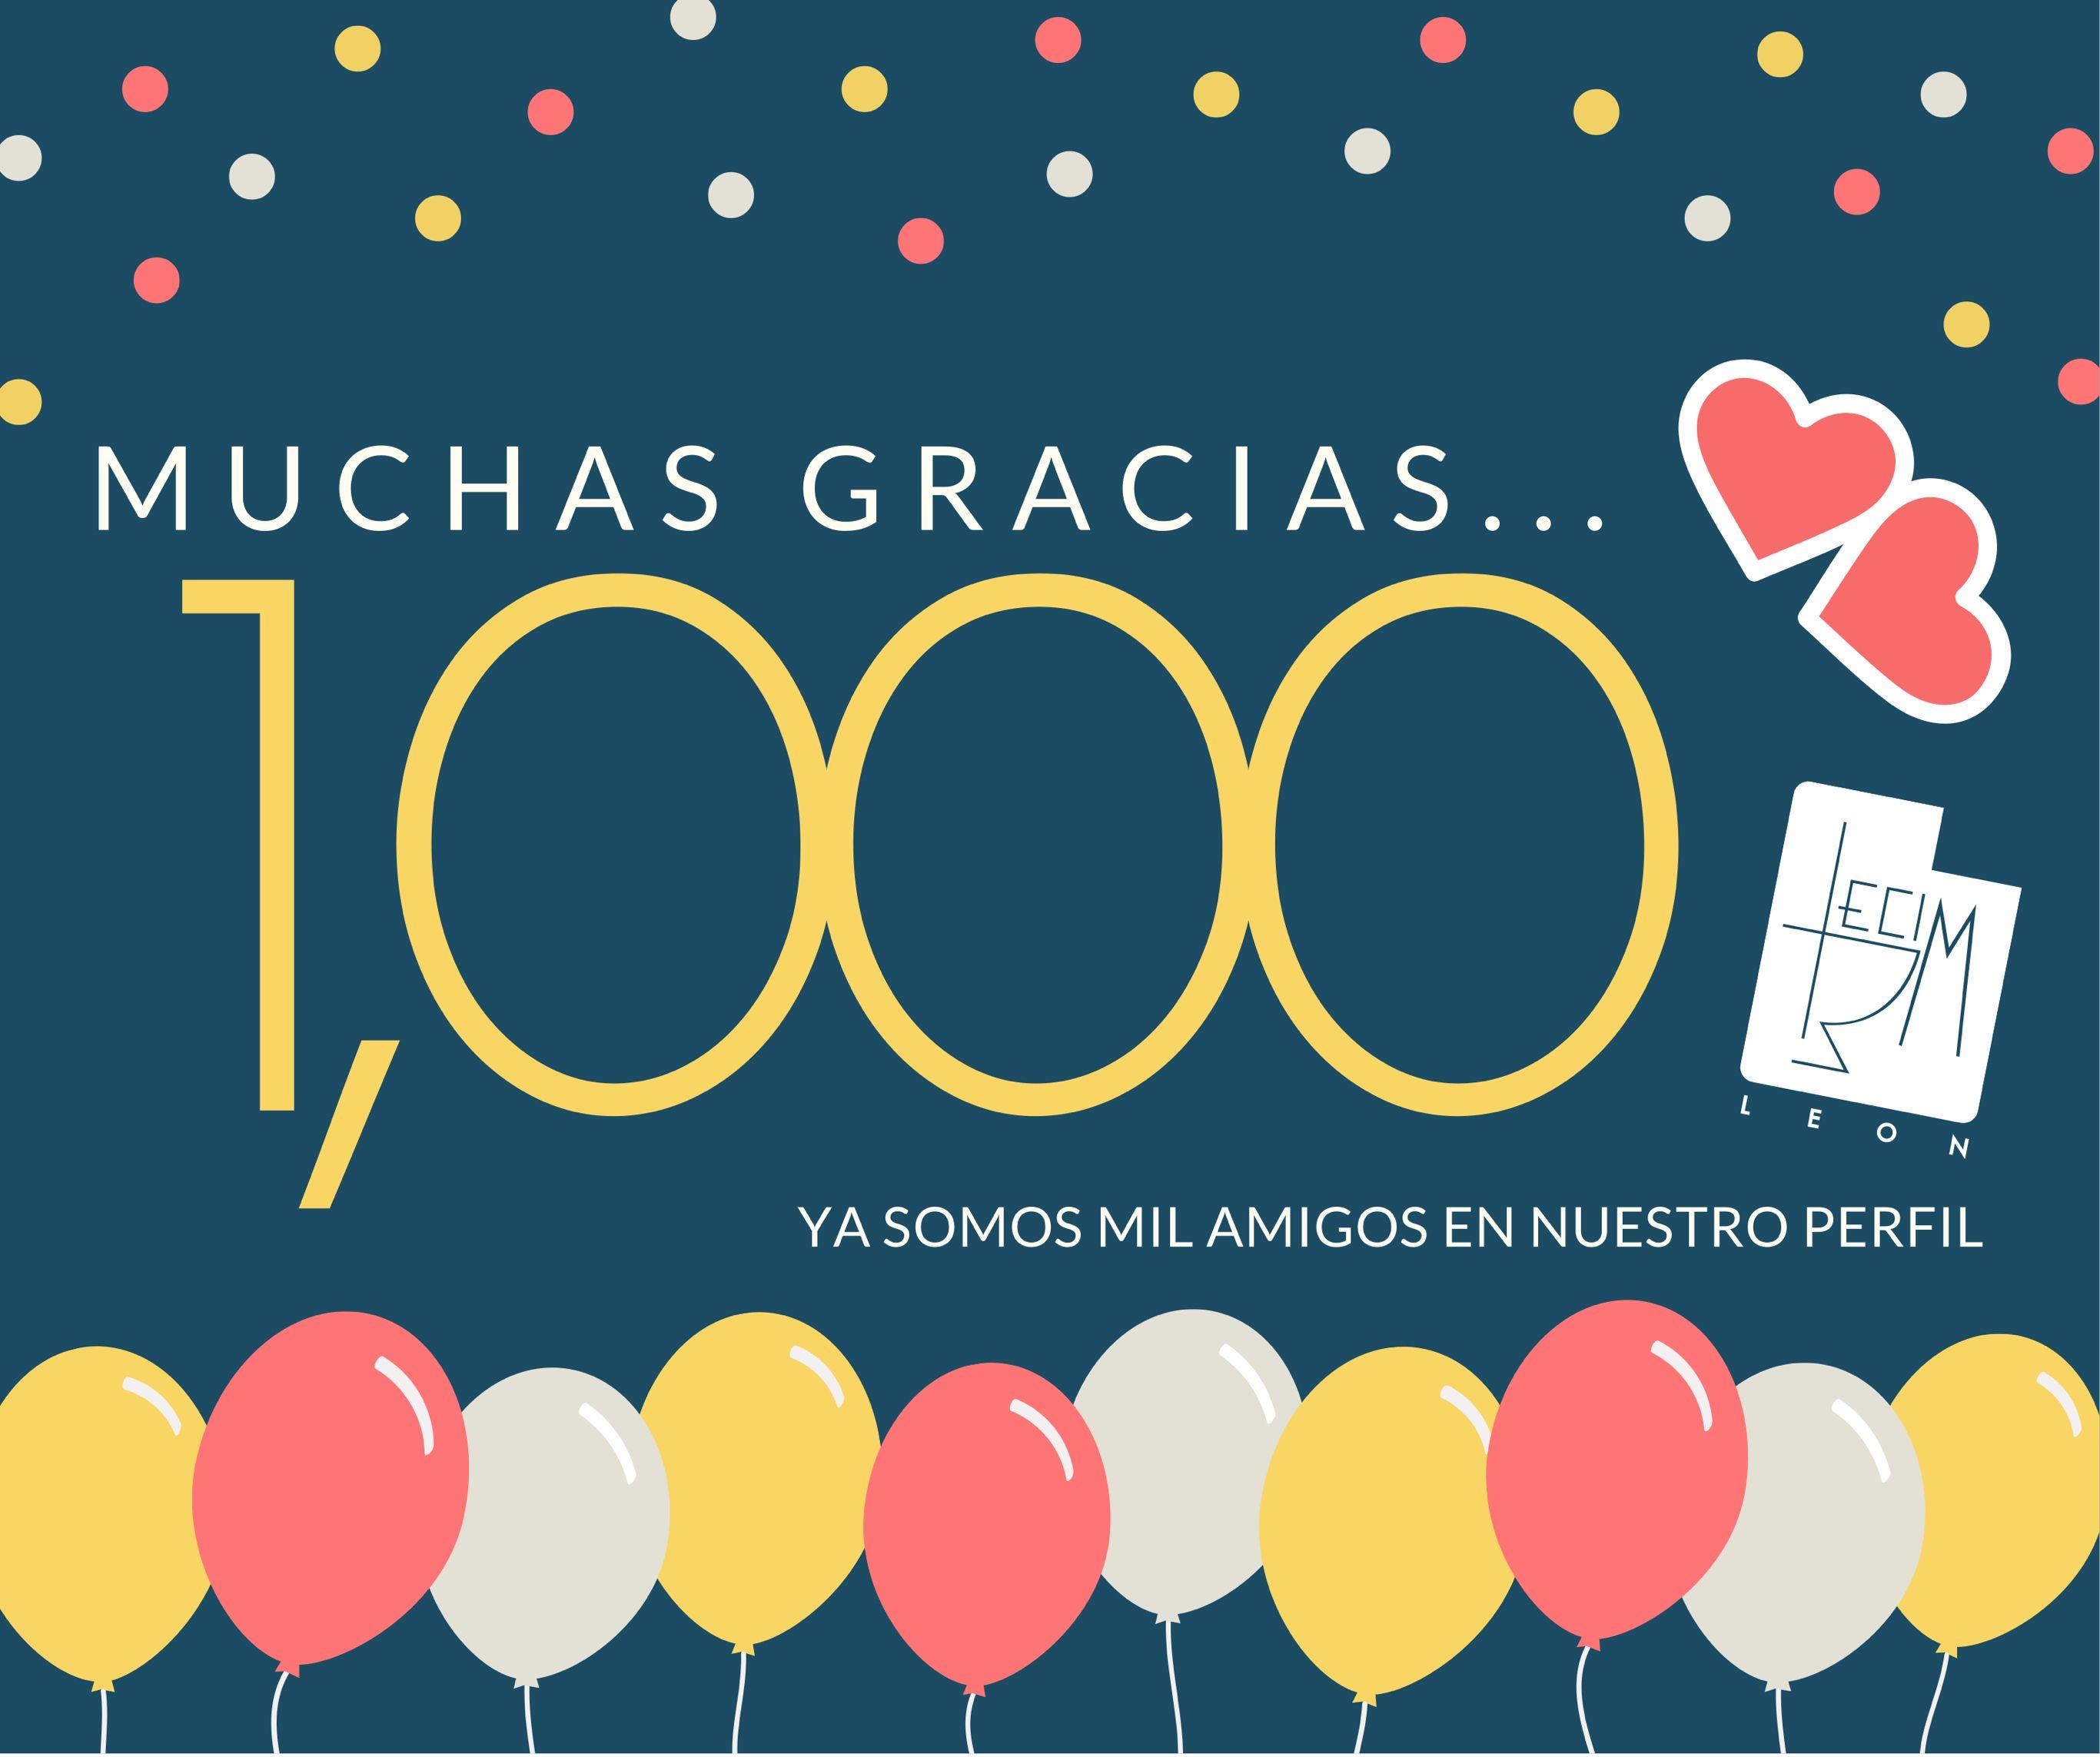 Gracias a ti... ¡Ya somos 1,000 amigos en nuestro perfil! y estamos muy contentos y queremos ser muchos más. Les mandamos a todos un fuerte abrazo, 1,000 GRACIAS!!! y que pases un bonito fin de semana en familia. Síguenos www.facebook.com/EcimLeon